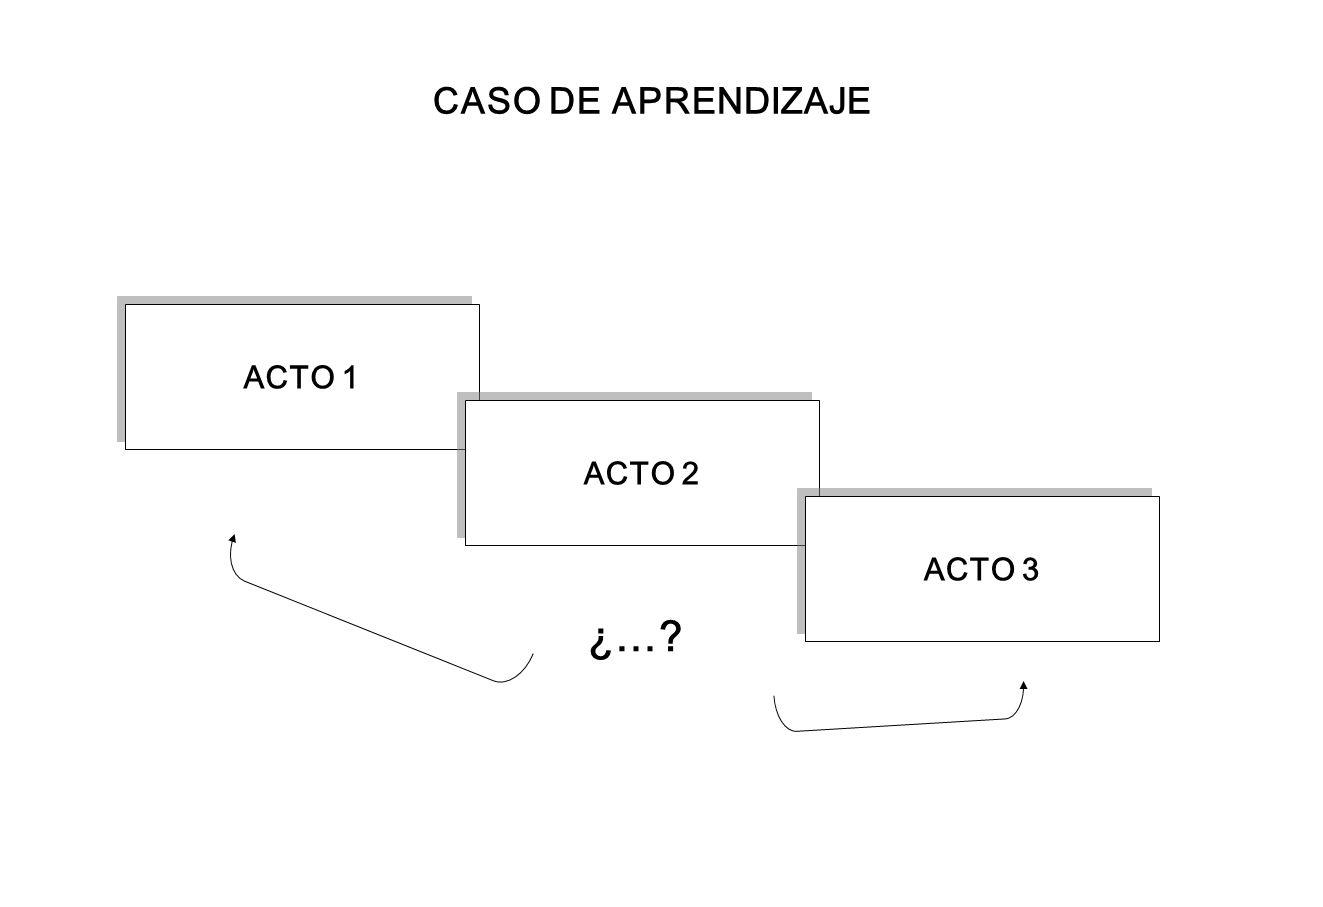 CASO DE APRENDIZAJE ACTO 1 ACTO 2 ACTO 3 ¿…